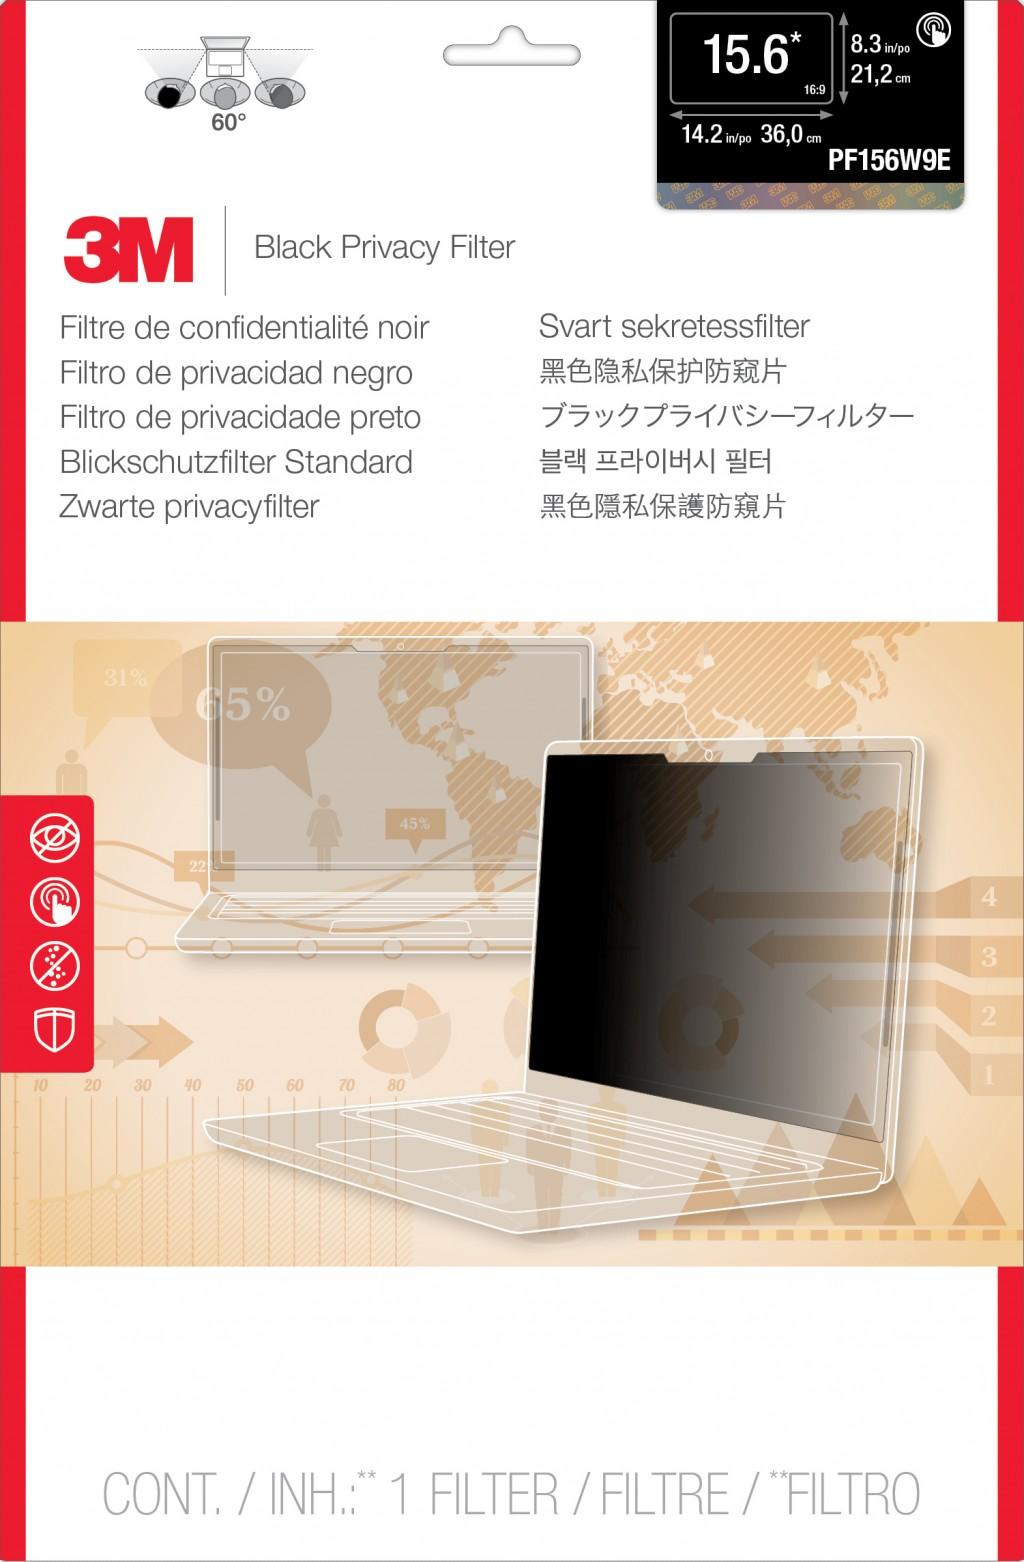 3M privacy filter PF156W9E for Edge-to-E